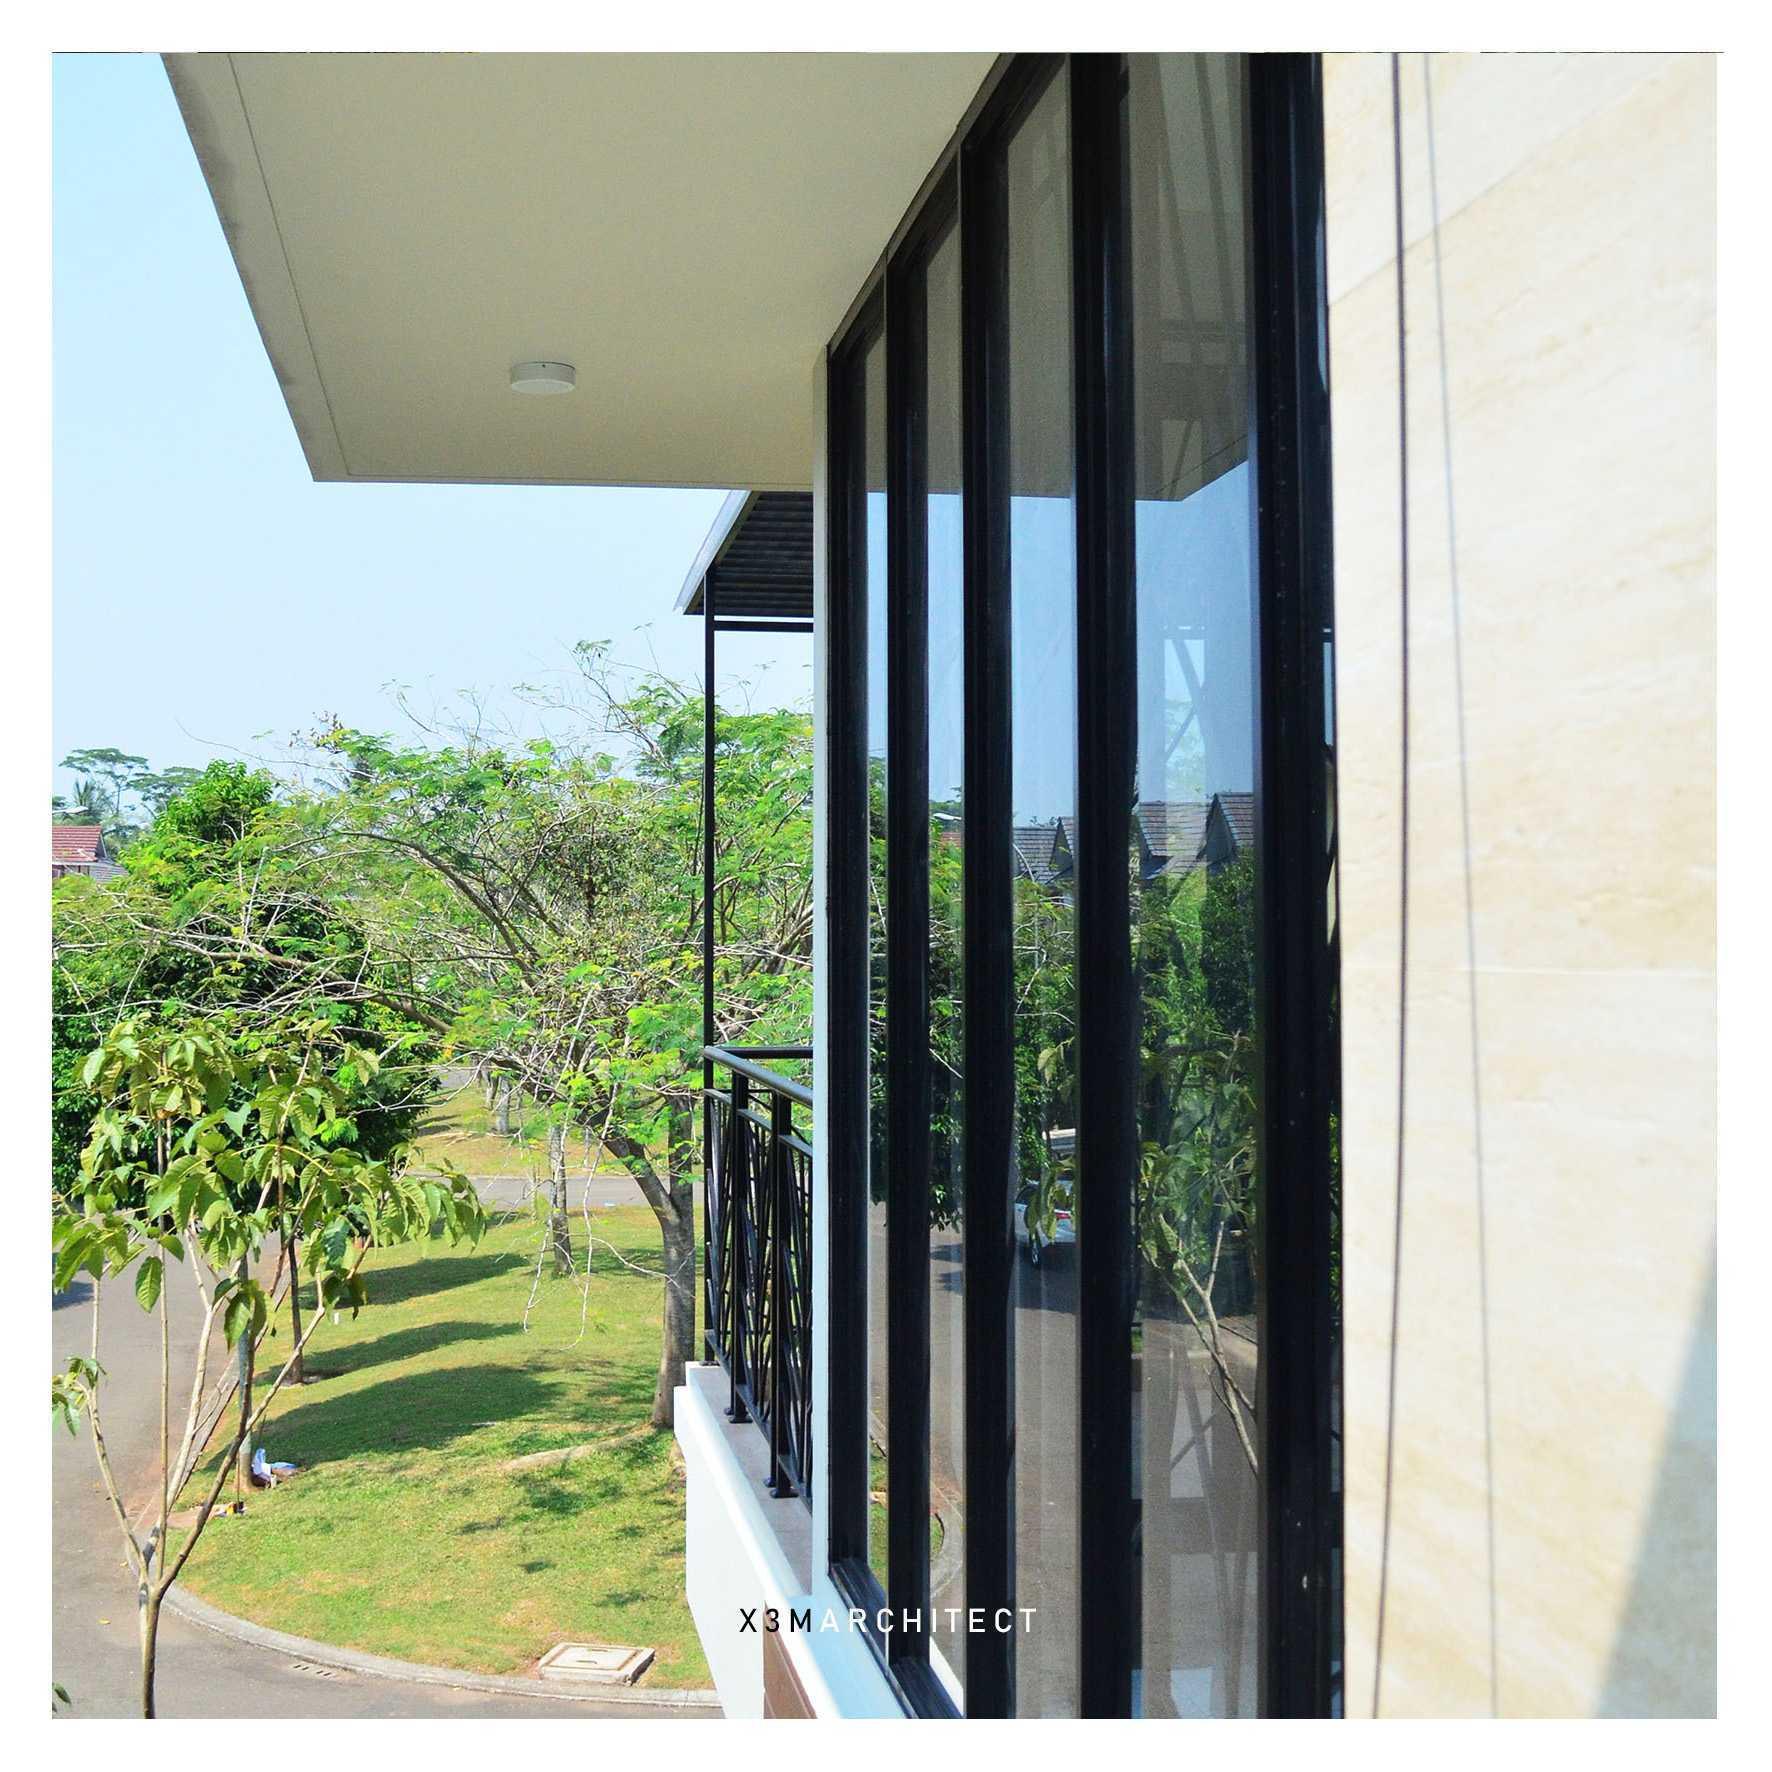 X3M Architects Nittaya A5 1 House Sampora, Kec. Cisauk, Tangerang, Banten 15345, Indonesia Sampora, Kec. Cisauk, Tangerang, Banten 15345, Indonesia X3M-Architects-Nittaya-A5-1  75971